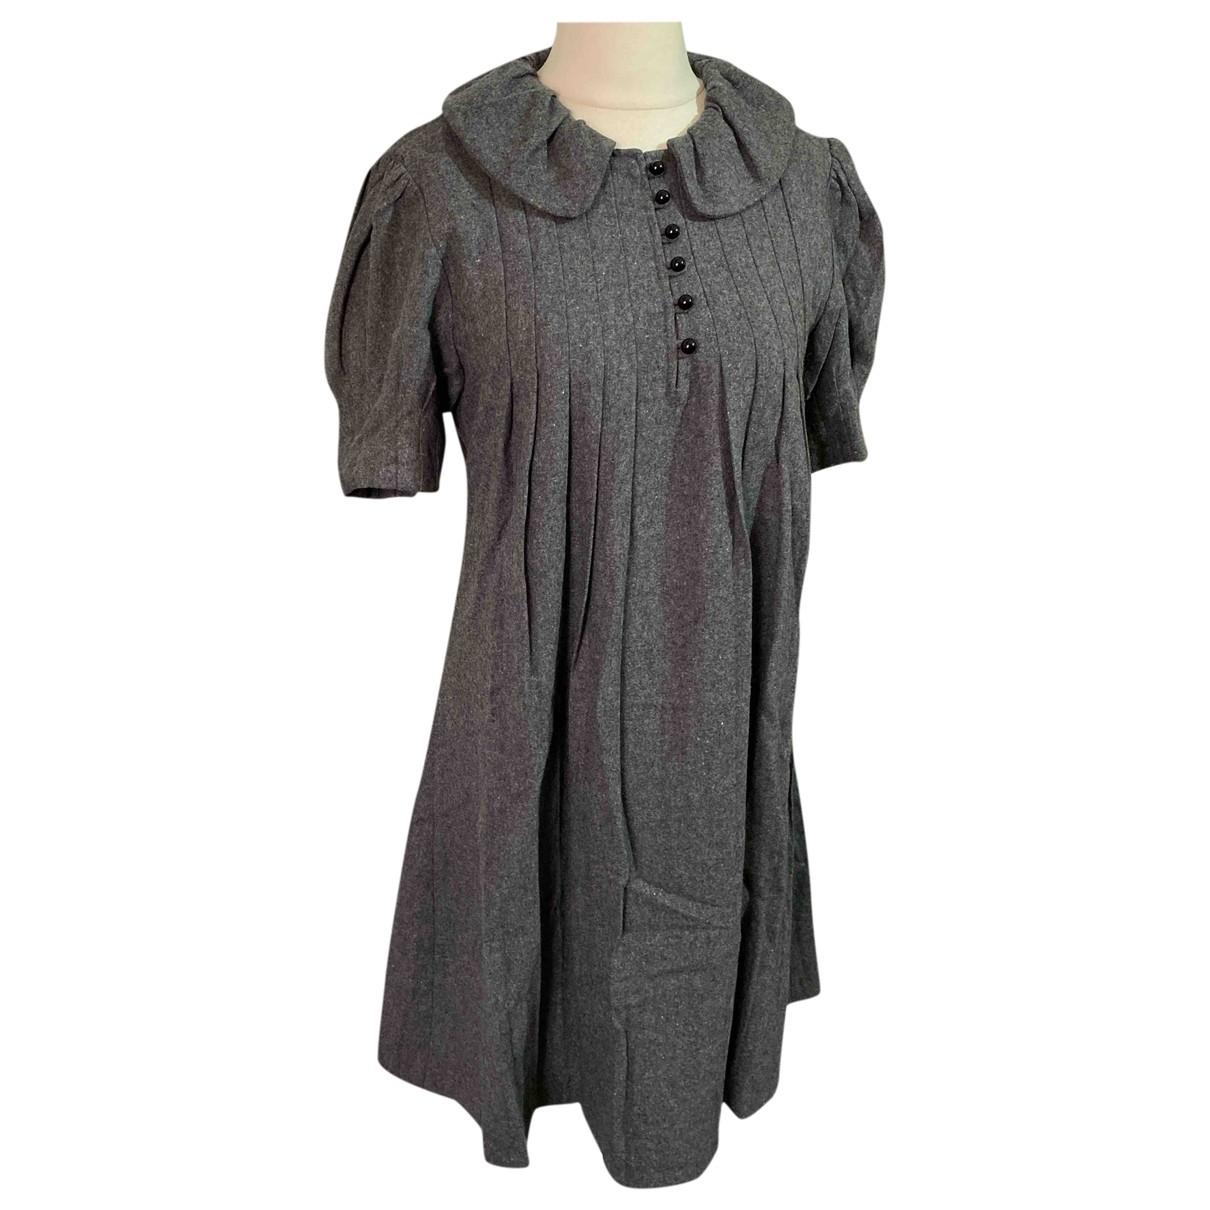 Marc Jacobs \N Kleid in  Grau Wolle